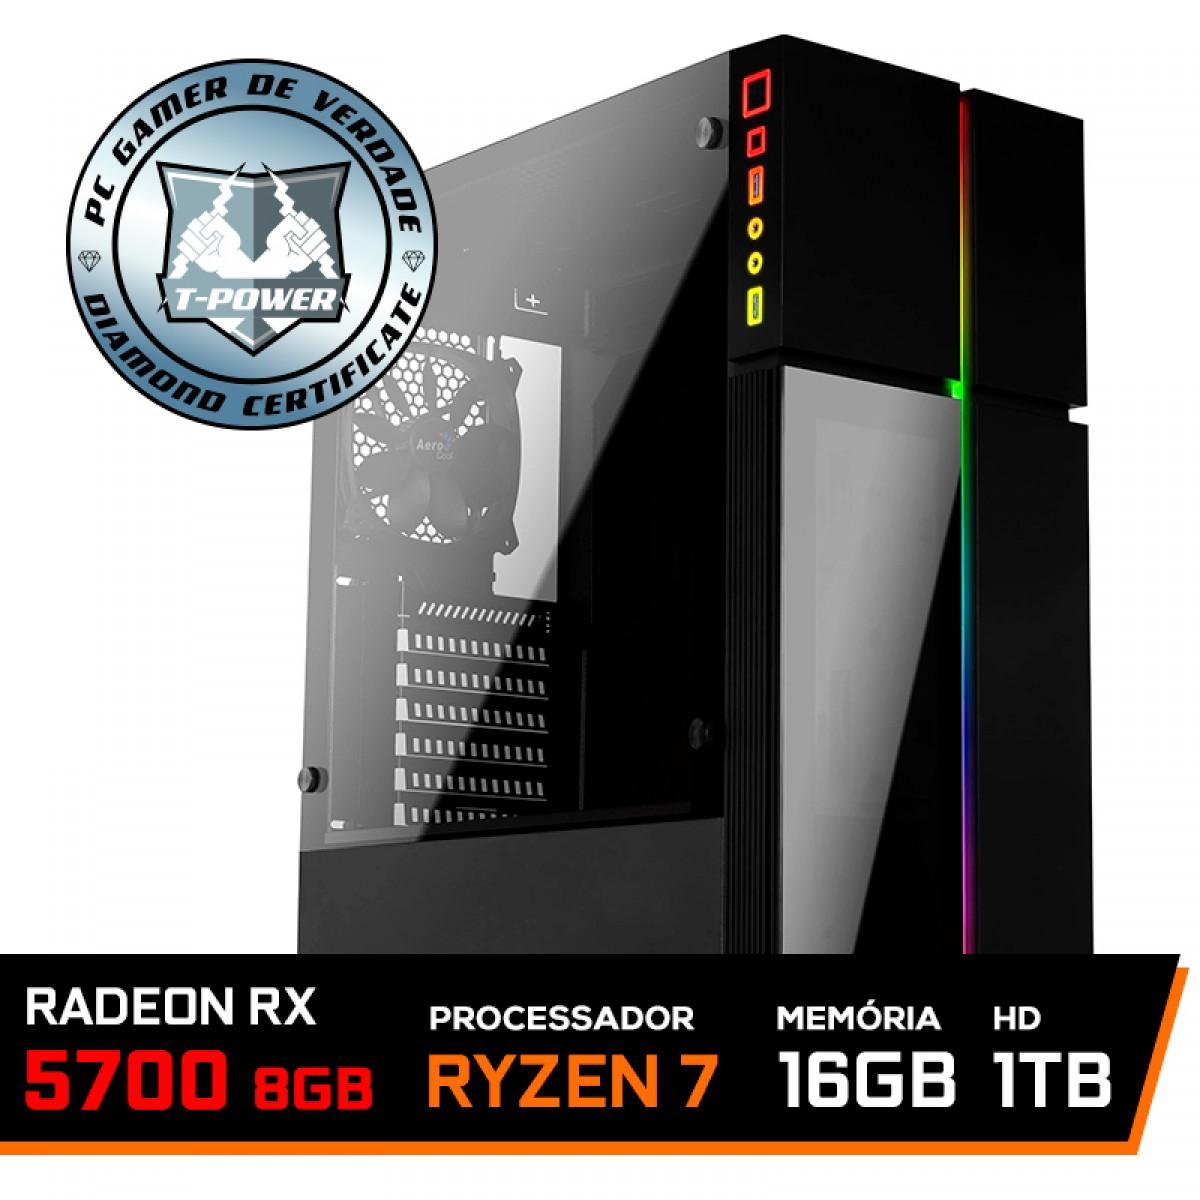 Pc Gamer T-Power Destroyer Lvl-1 AMD Ryzen 7 3800X / Radeon RX 5700 8GB / DDR4 16GB / HD 1TB / 600W